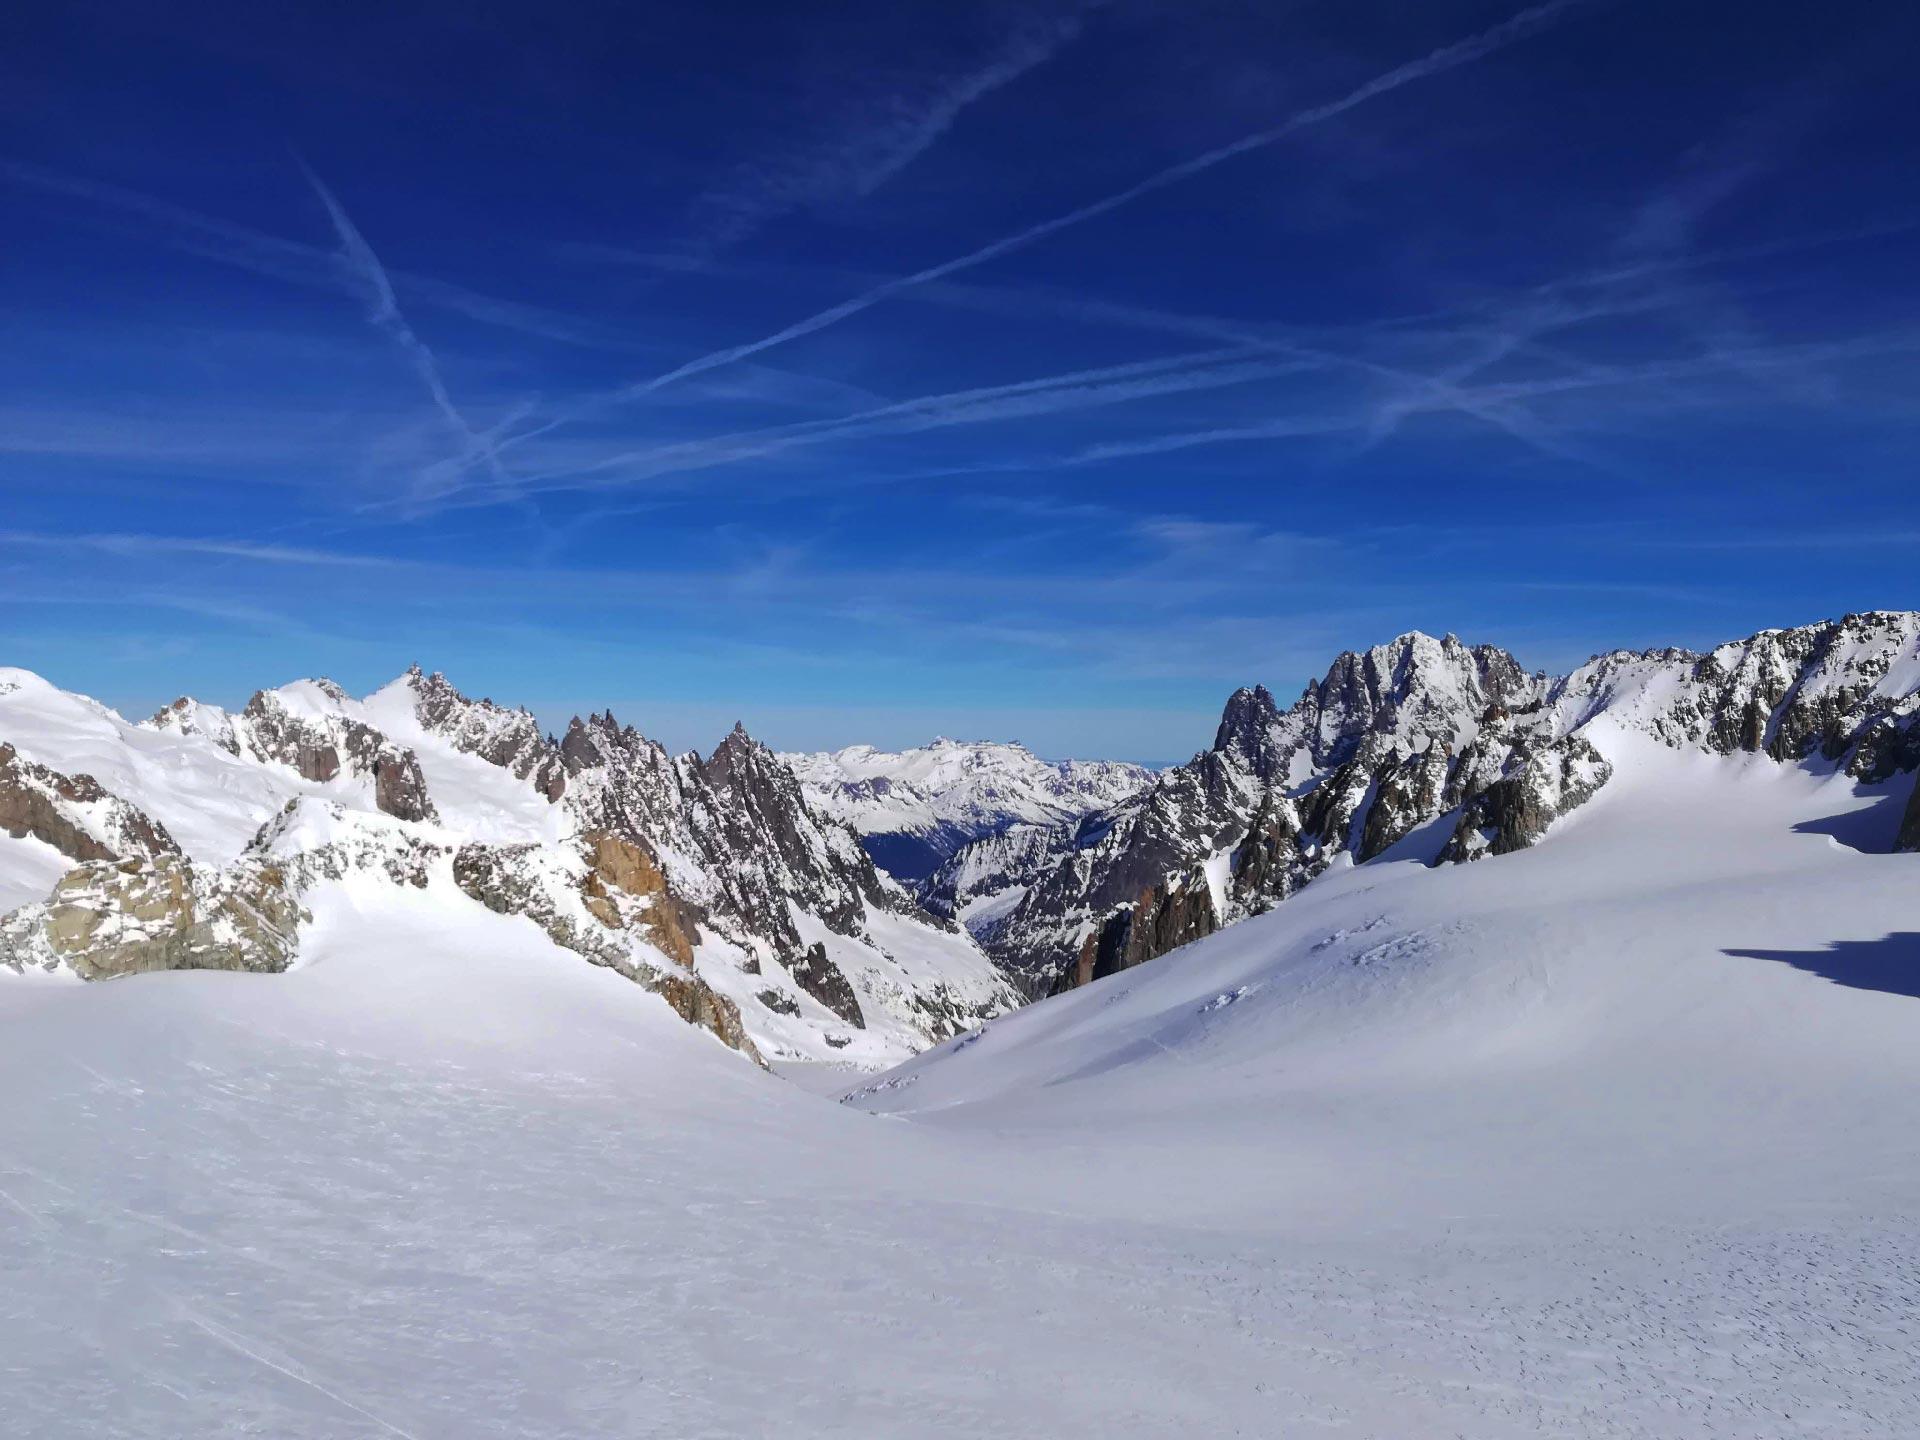 dalla terrazza panoramica esterna della stazione di Punta Helbronner: veduta su la Vallée Blanche, Monte Bianco, Valle d'Aosta